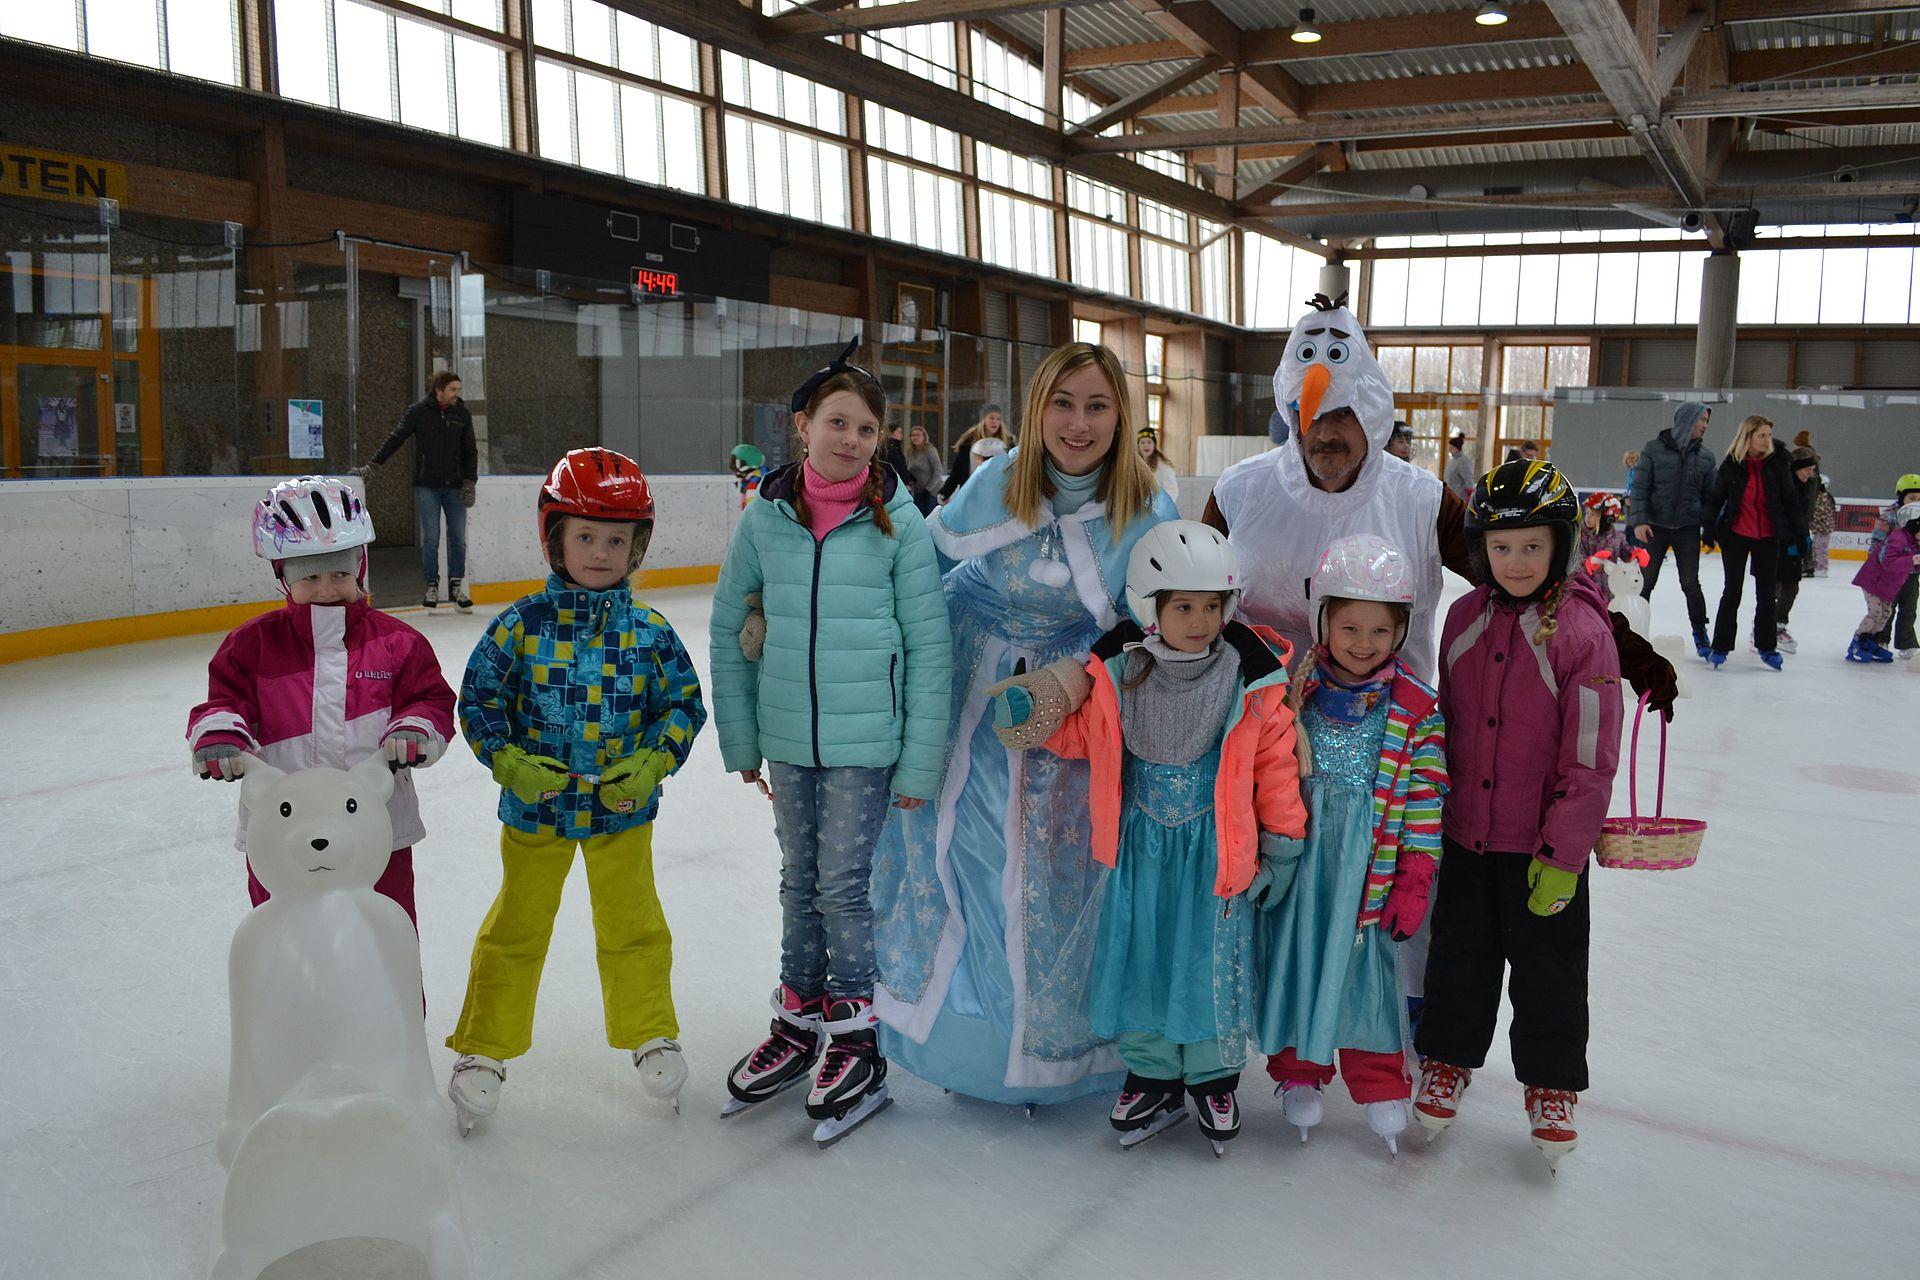 Eislaufkurs für Kinder mit der Eiskönigin Elsa und dem Schneemann Olaf